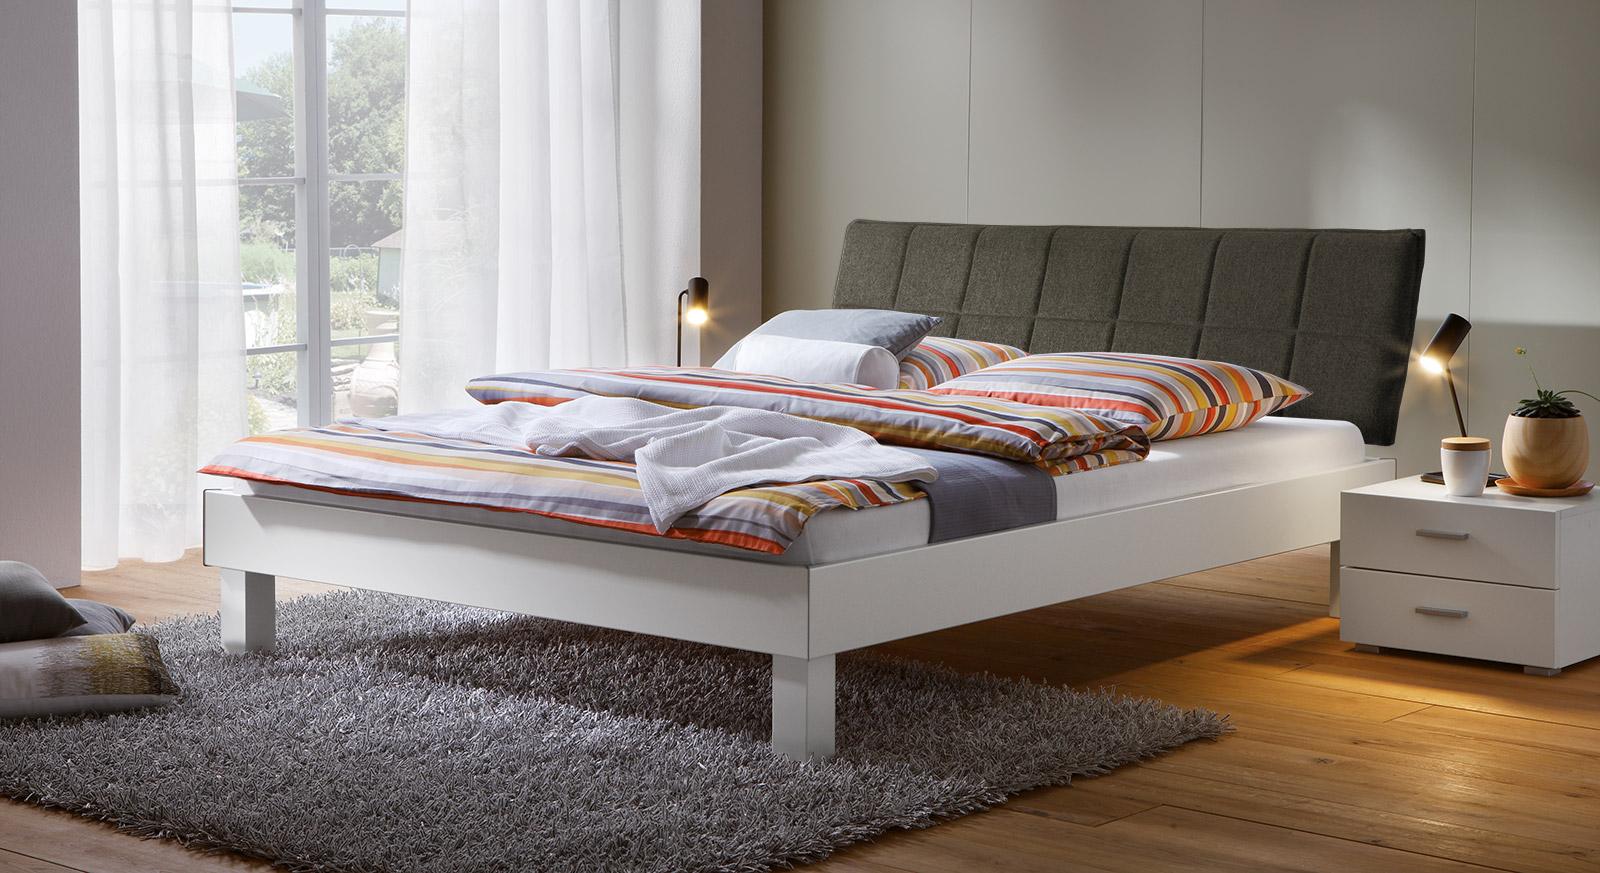 Bett Sierra mit 20cm Fußhöhe und Kopfteil in Braun